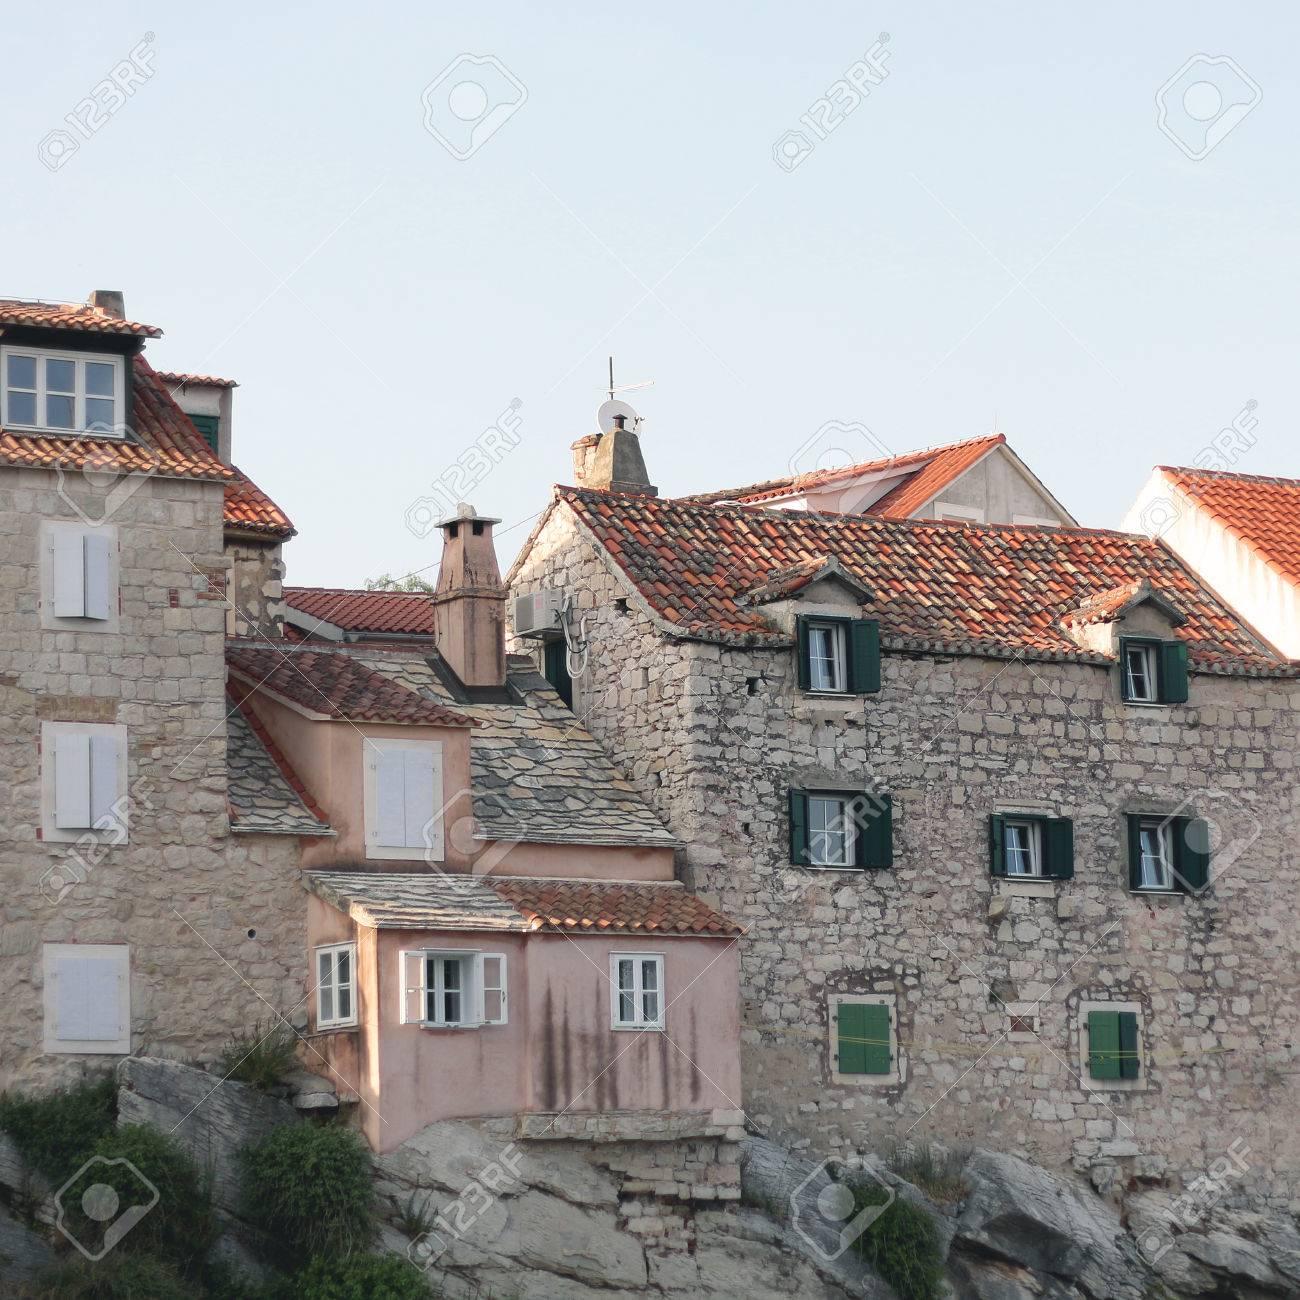 Bezaubernd Häuser Stile Dekoration Von Alte Traditionelle Häuser Auf Einer Klippe Gebaut.